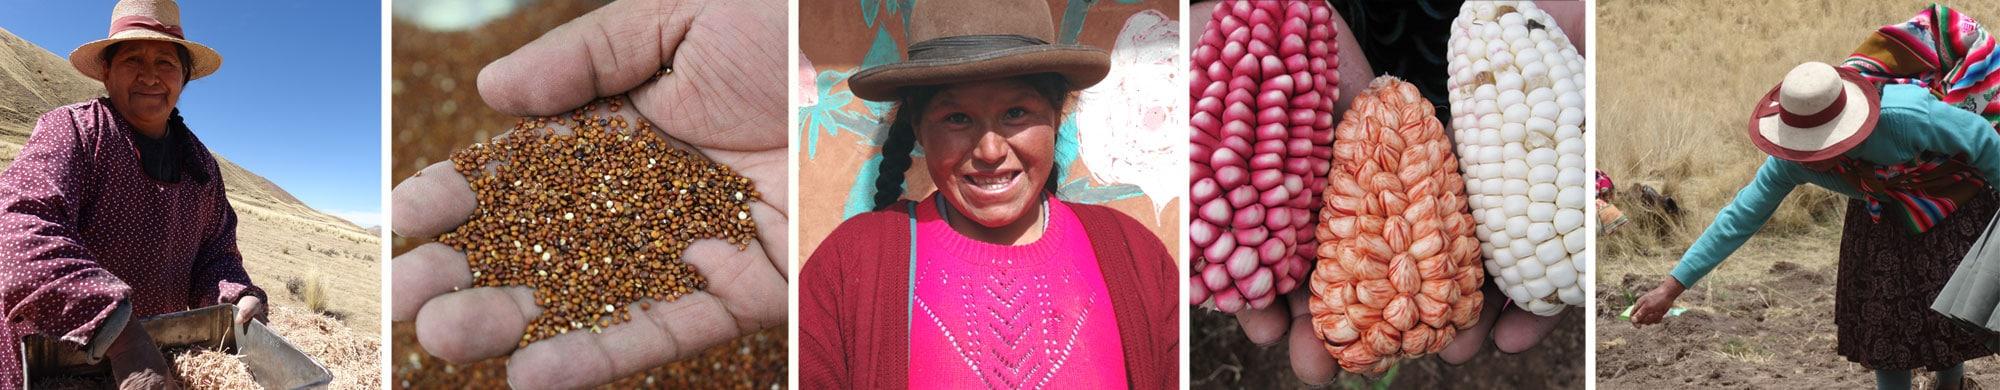 Au Pérou, 1 habitant sur 2 souffre de faim en milieu rural : SOS Faim Belgique appui des coopératives locales pour changer la donne !